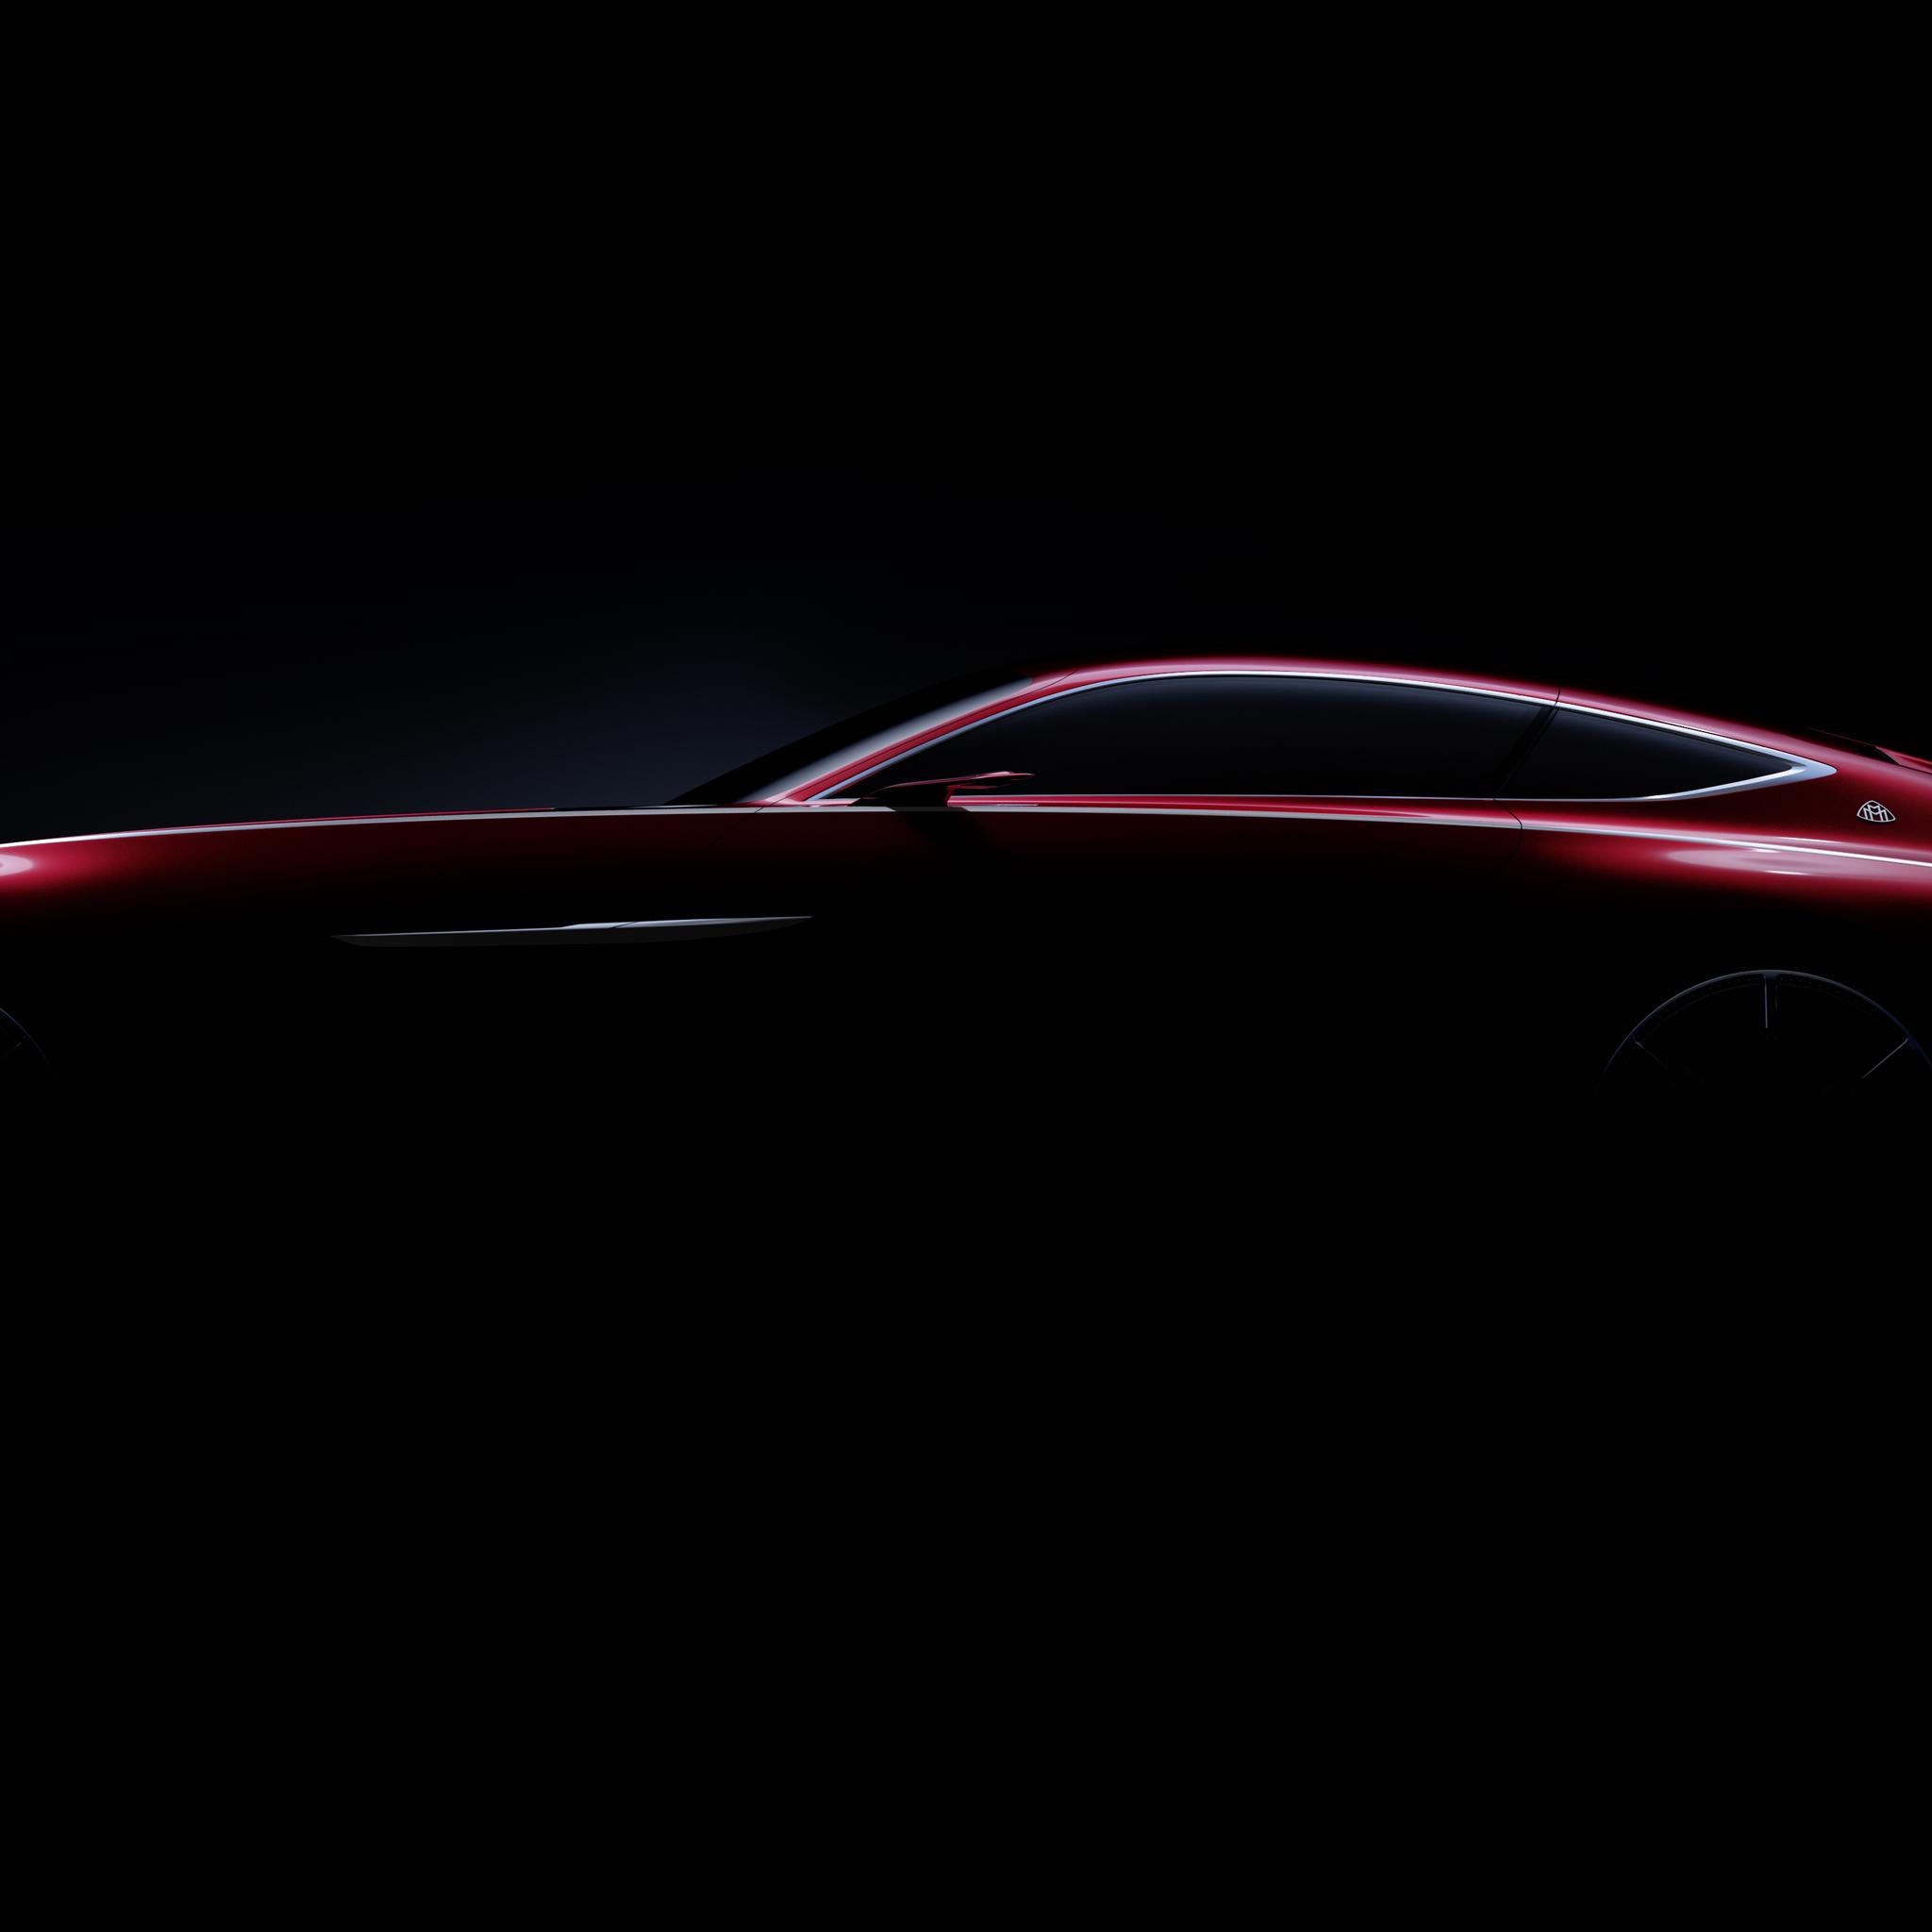 Maybach Car Wallpaper: 2048x2048 2016 Mercedes Maybach Ipad Air HD 4k Wallpapers